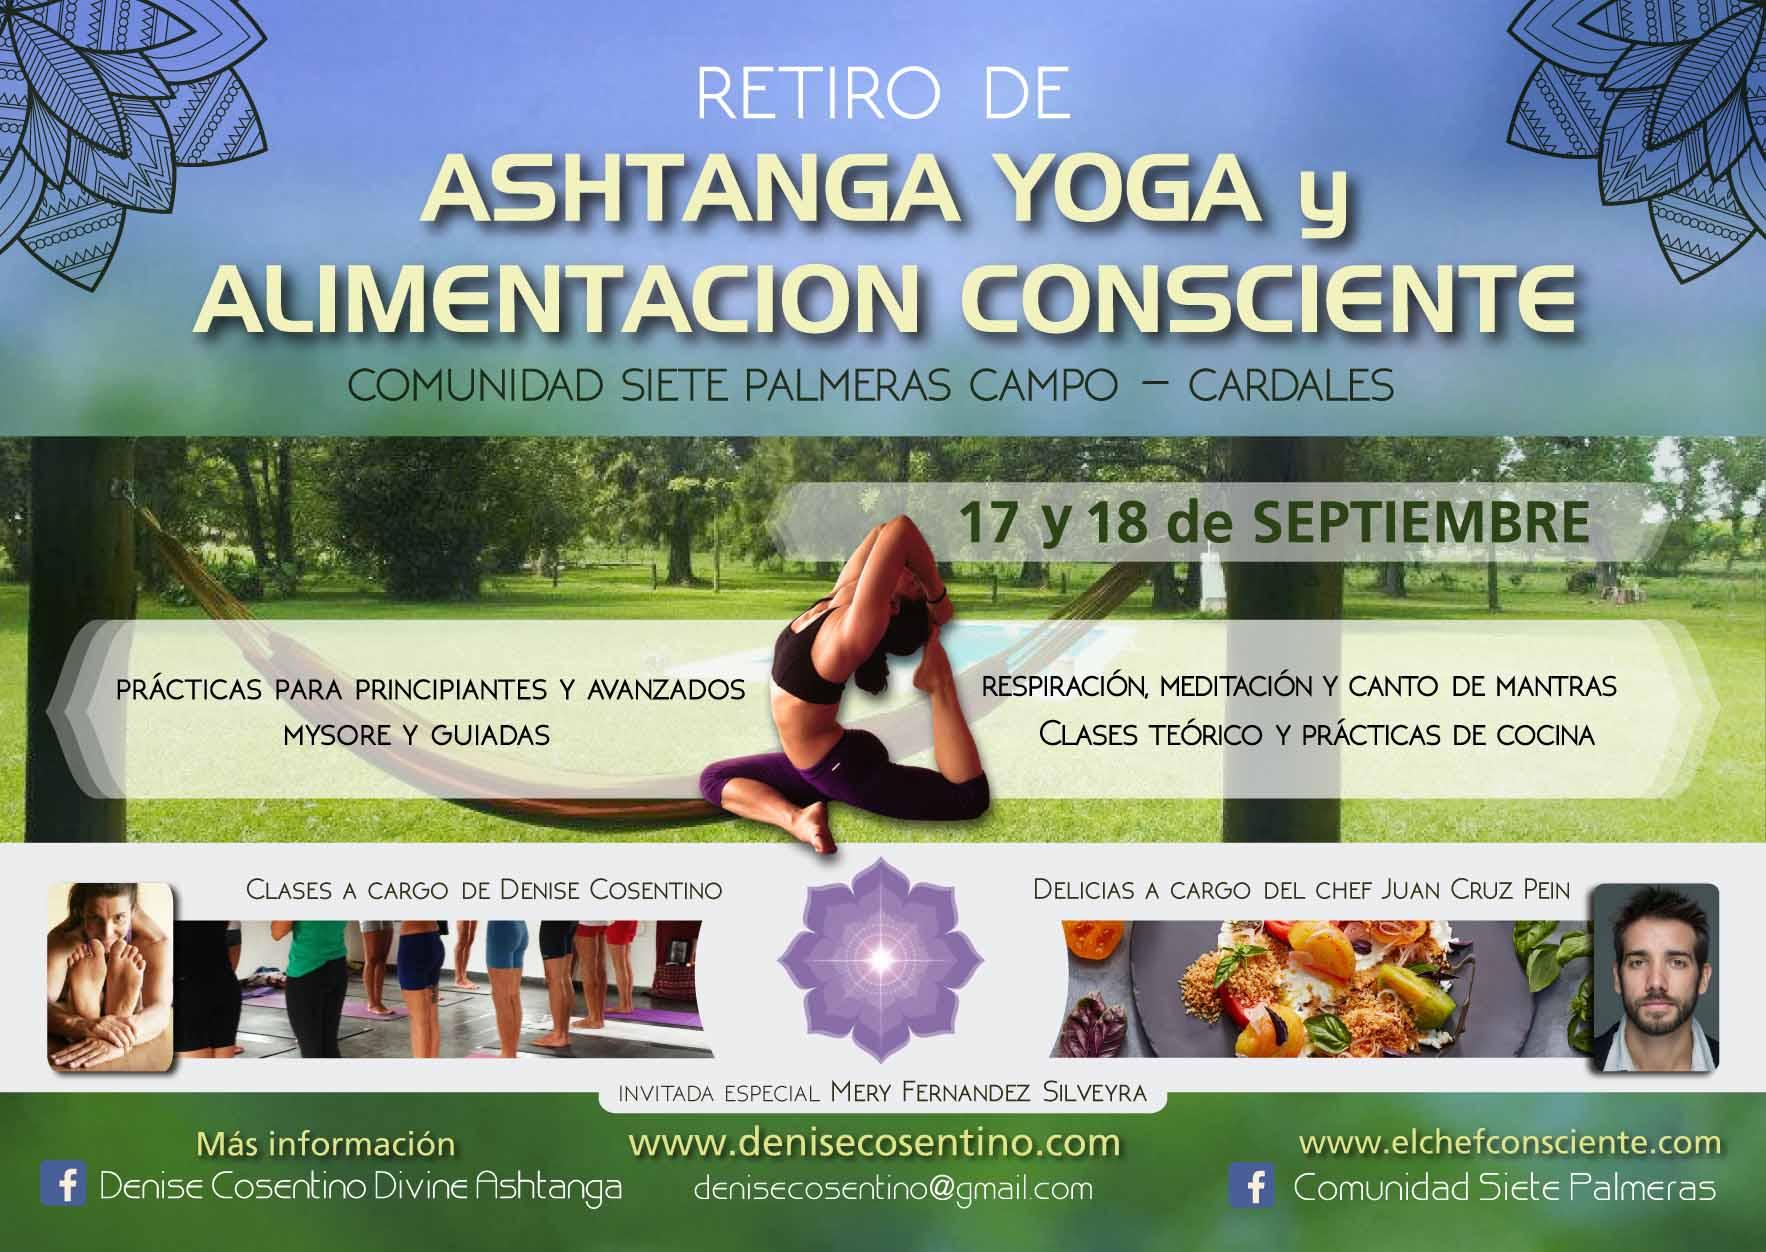 Intensivo Ashtanga Yoga y Alimentación Consciente